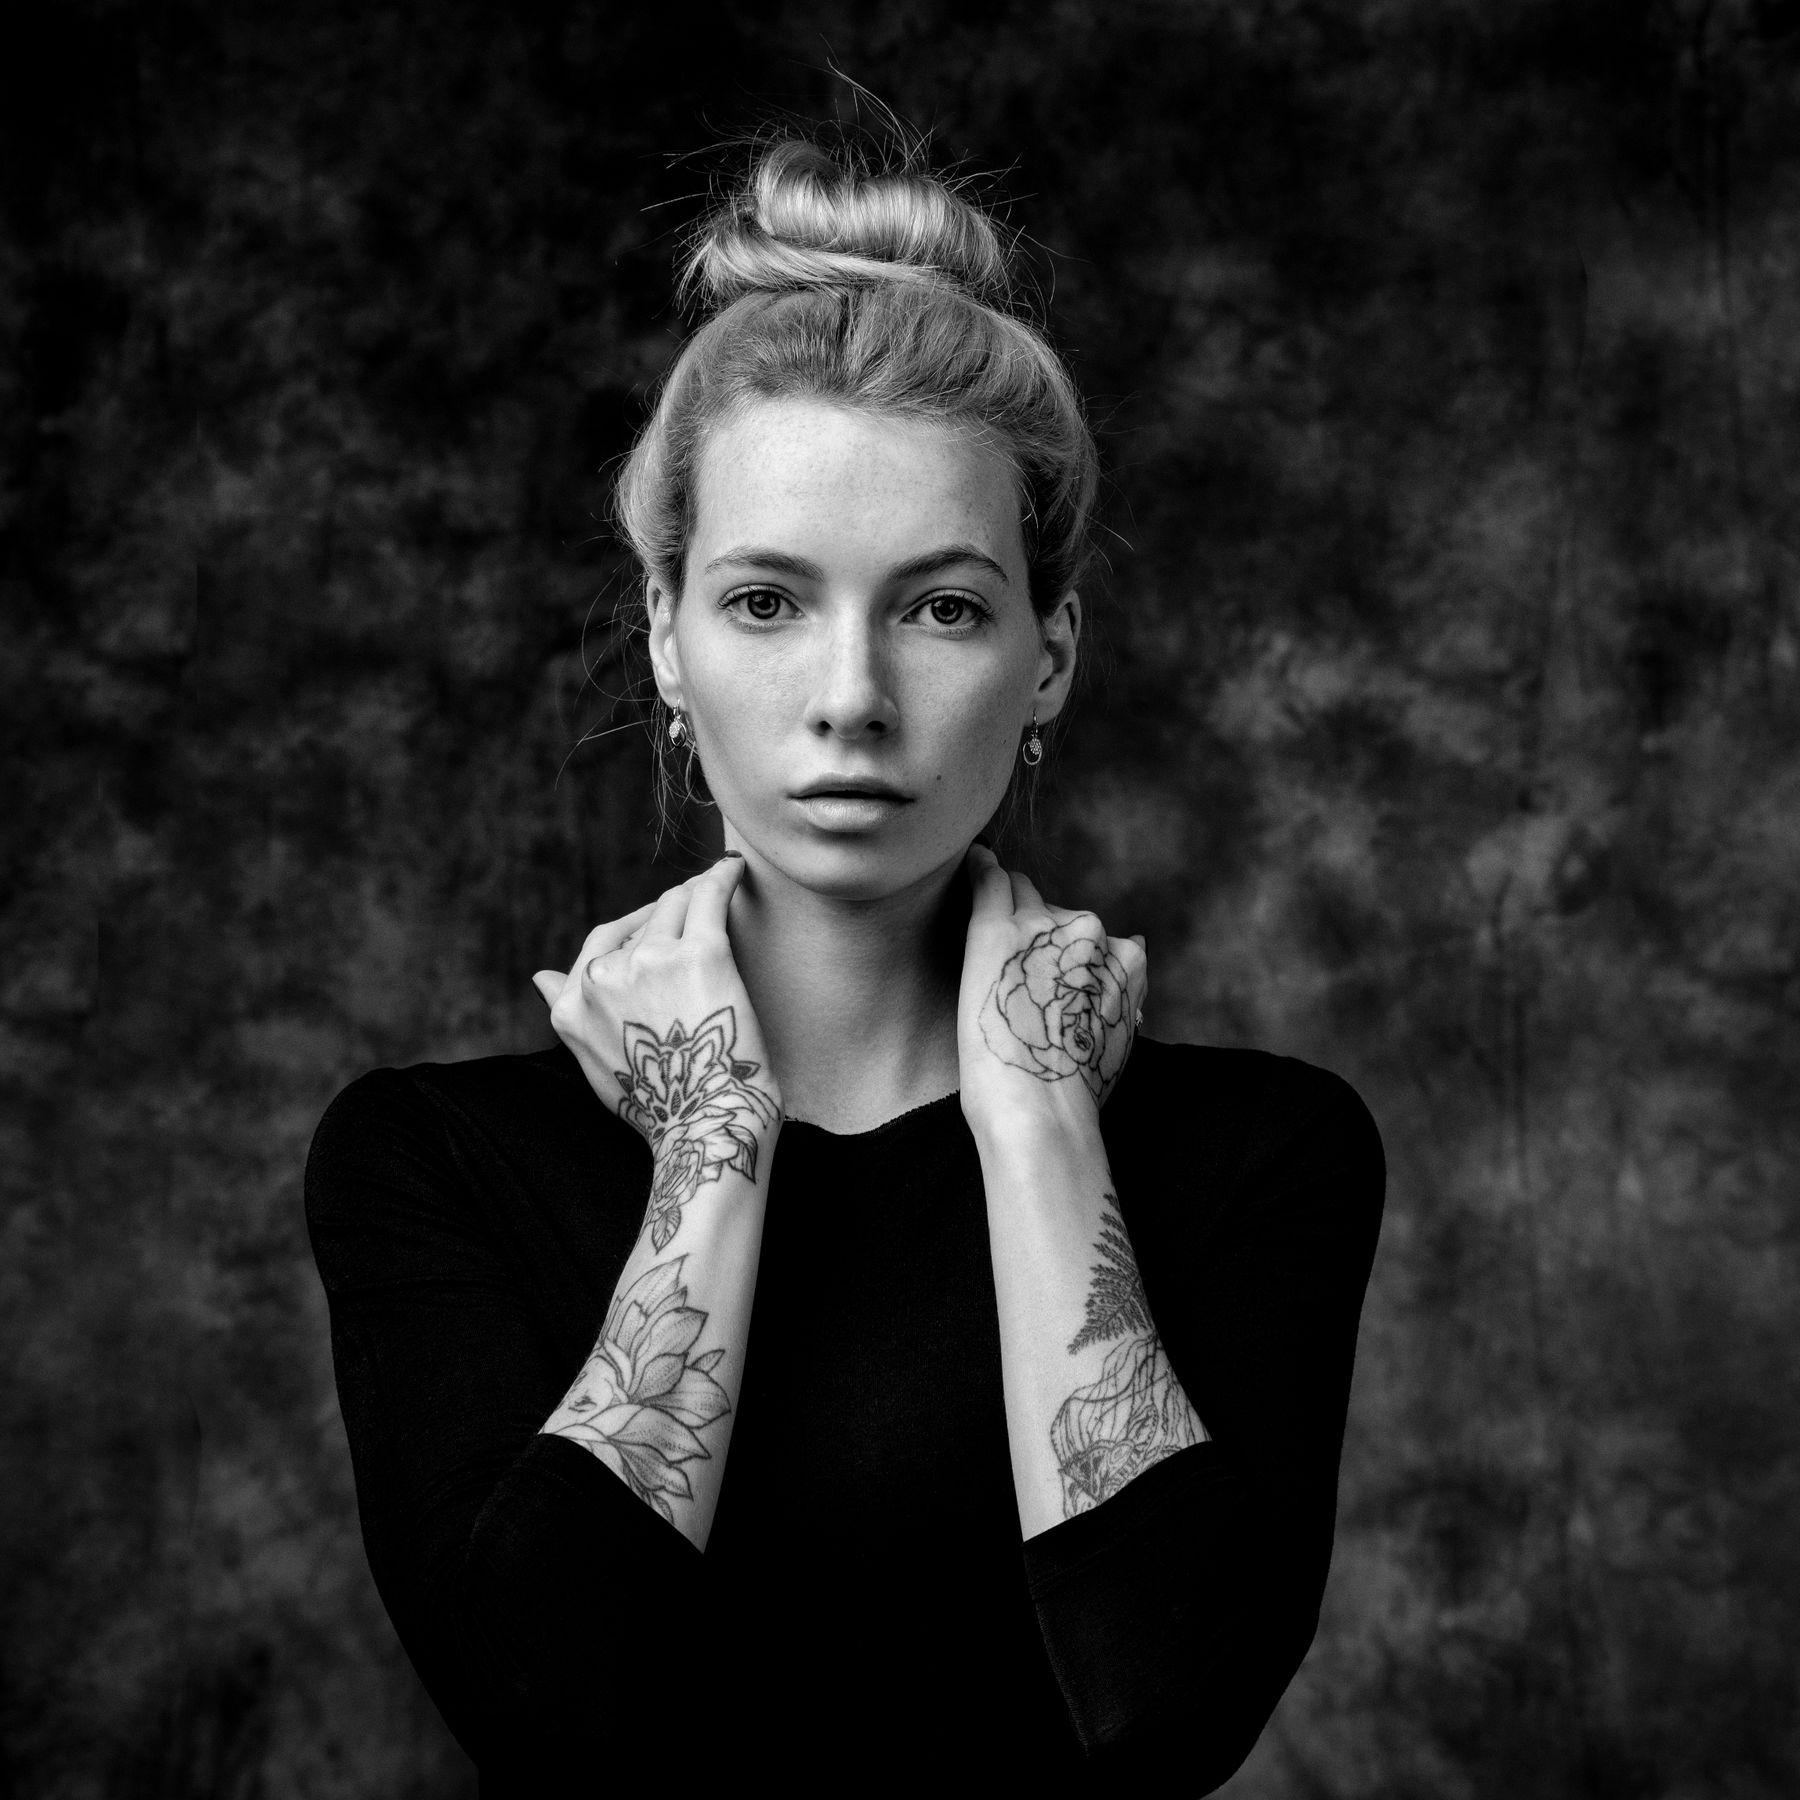 Александра Студийный портрет Арт красивая девушка женский фотосессия